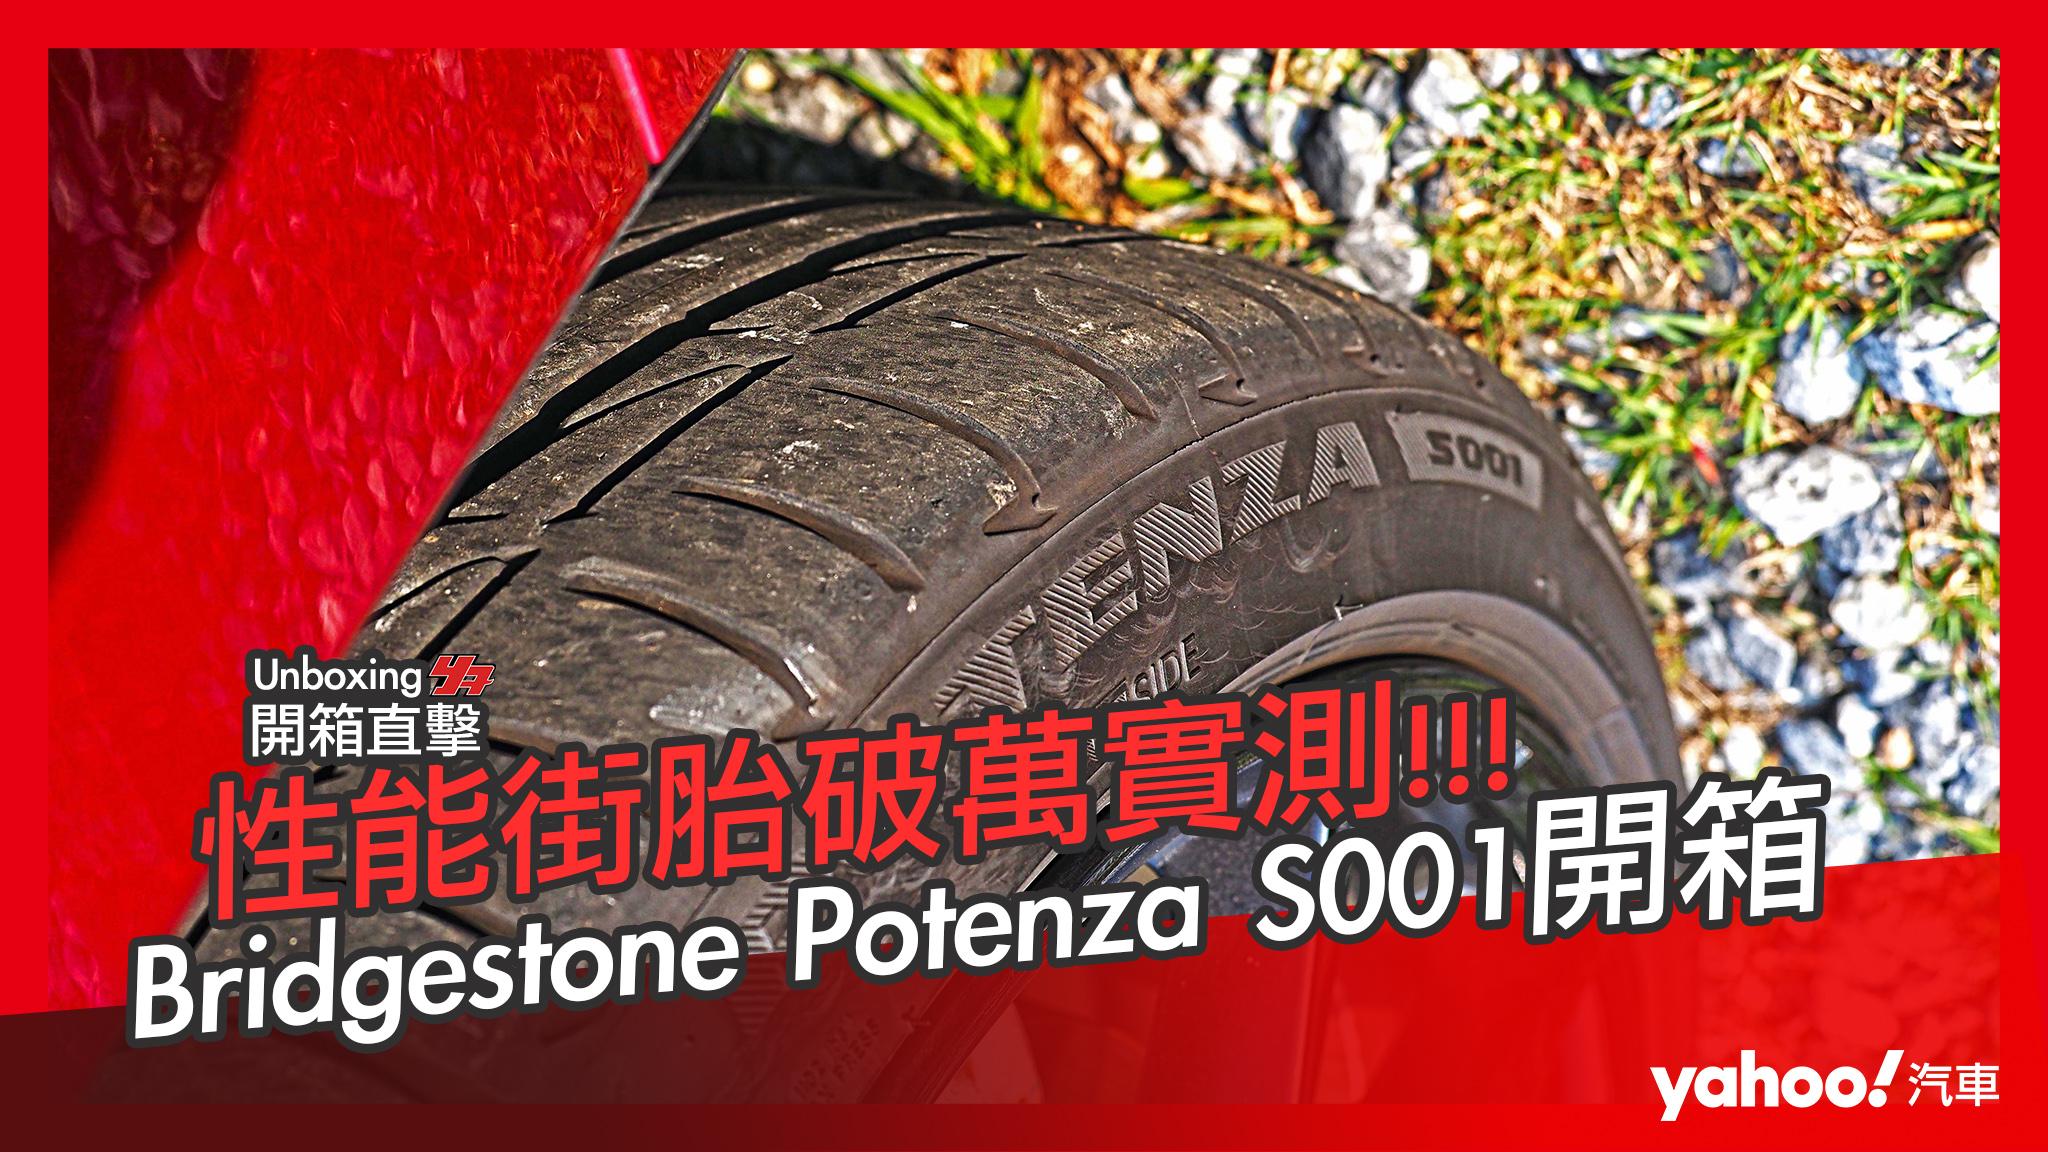 【開箱直擊】1萬公里開箱實測!2020 Bridgestone Potenza S001試胎心得